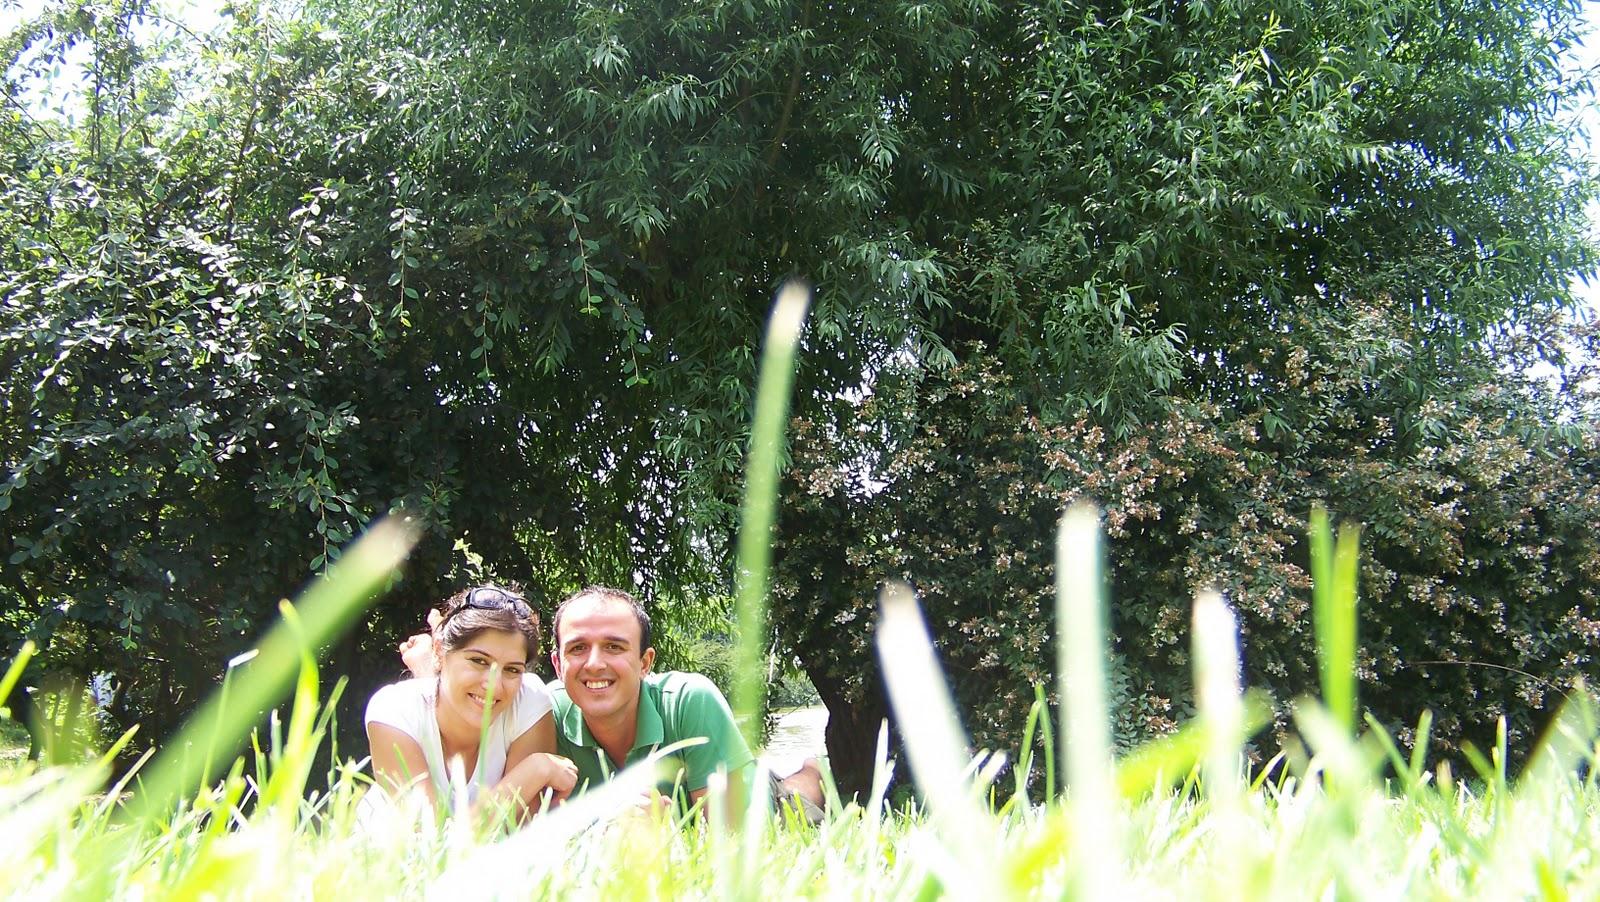 Çimenlerin neden yeşil olduğunu sorduk